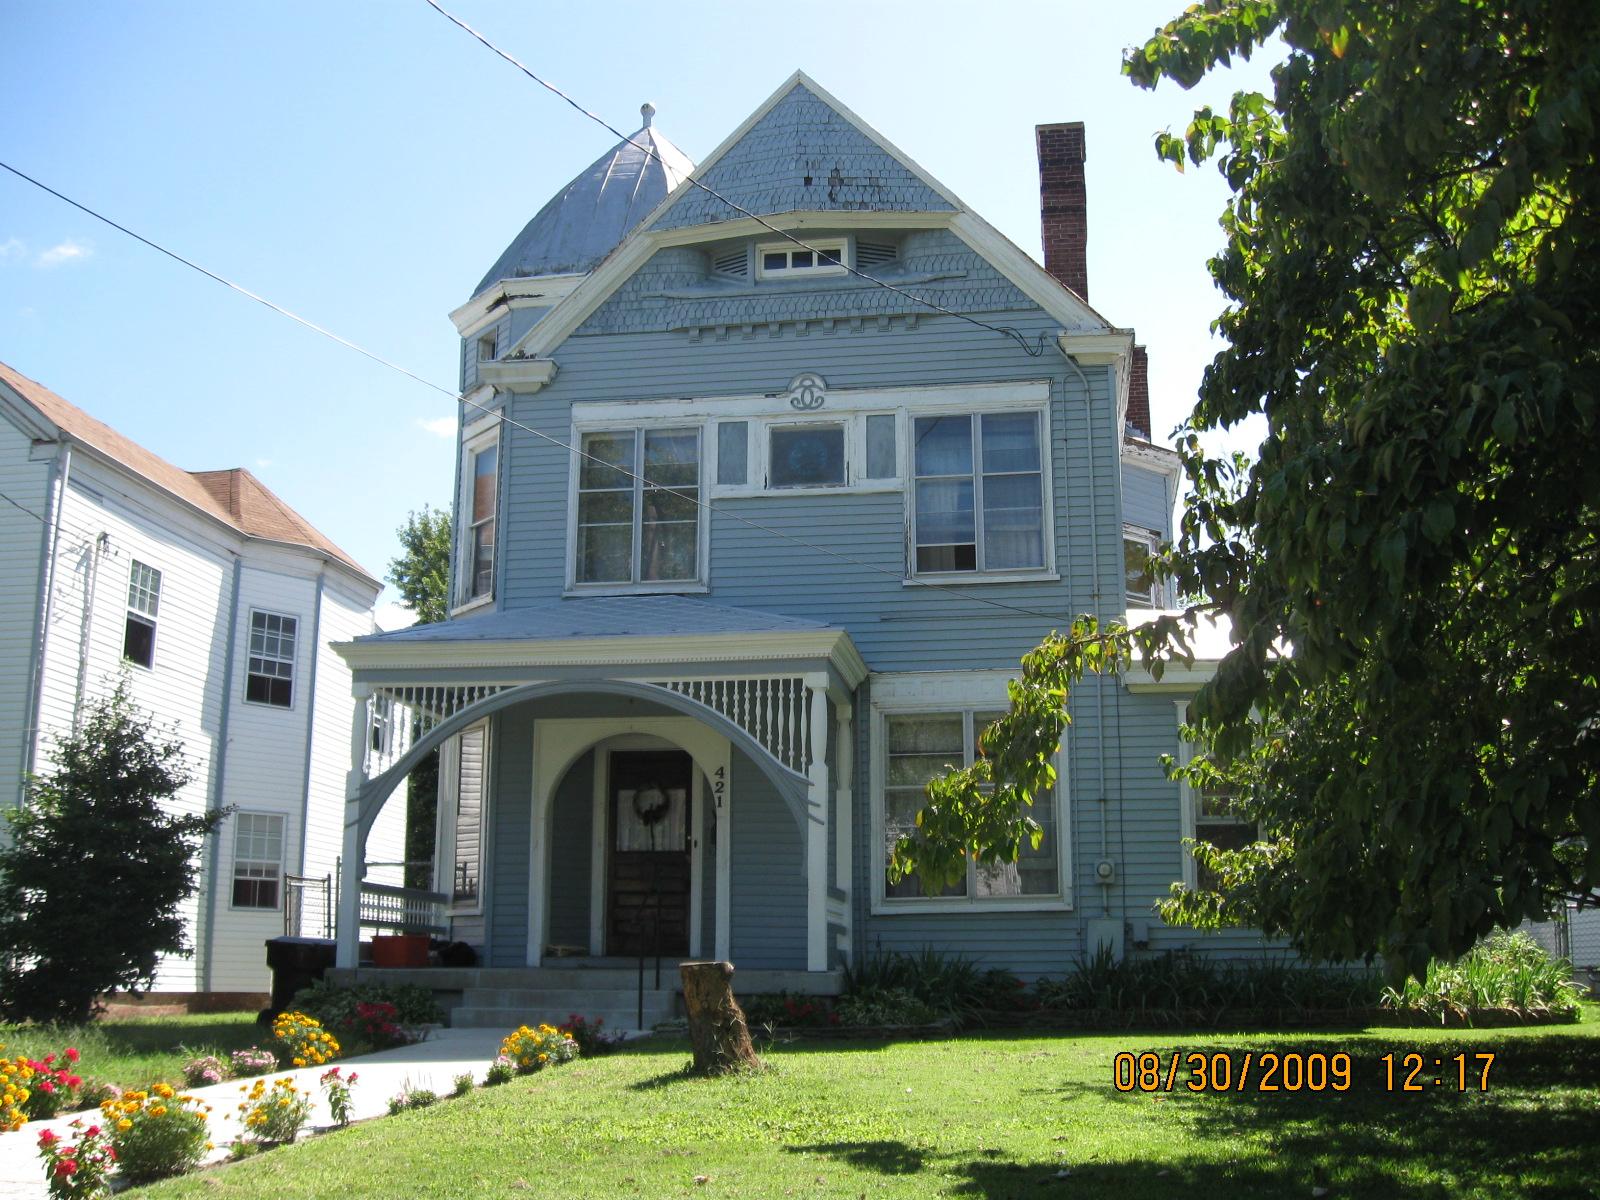 421 house.jpg